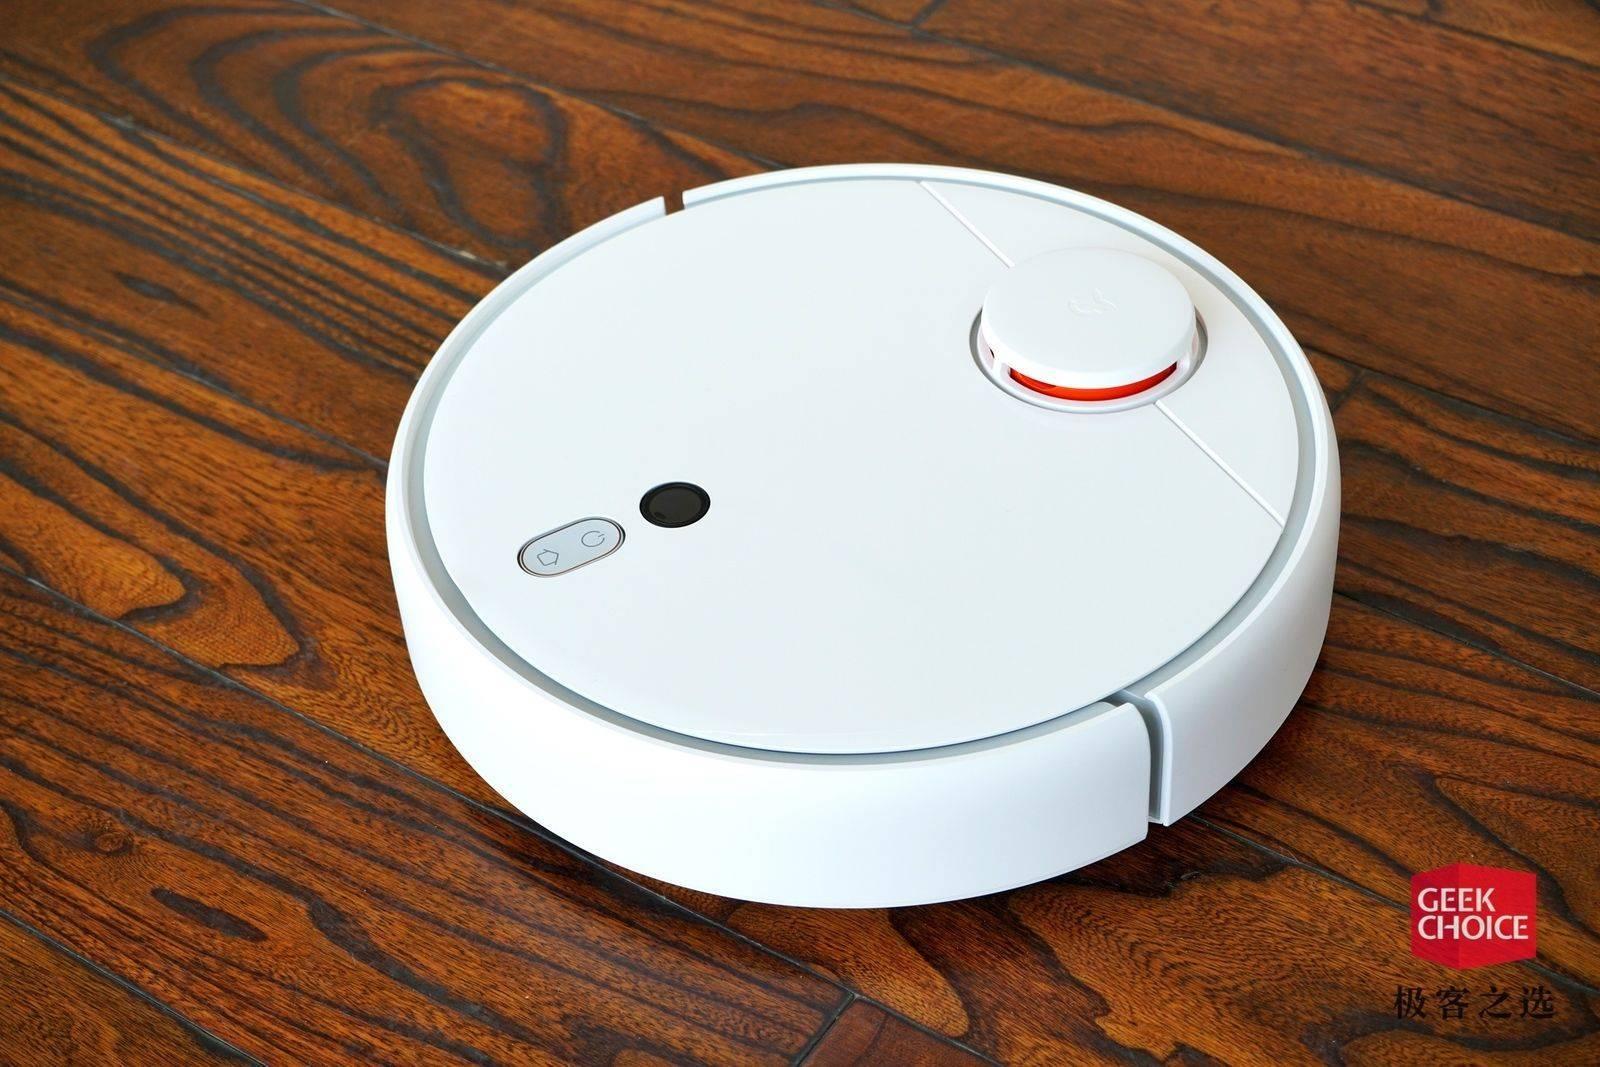 有了这个更智能的米家扫地机器人 1S,我终于「进化」成了一个废物